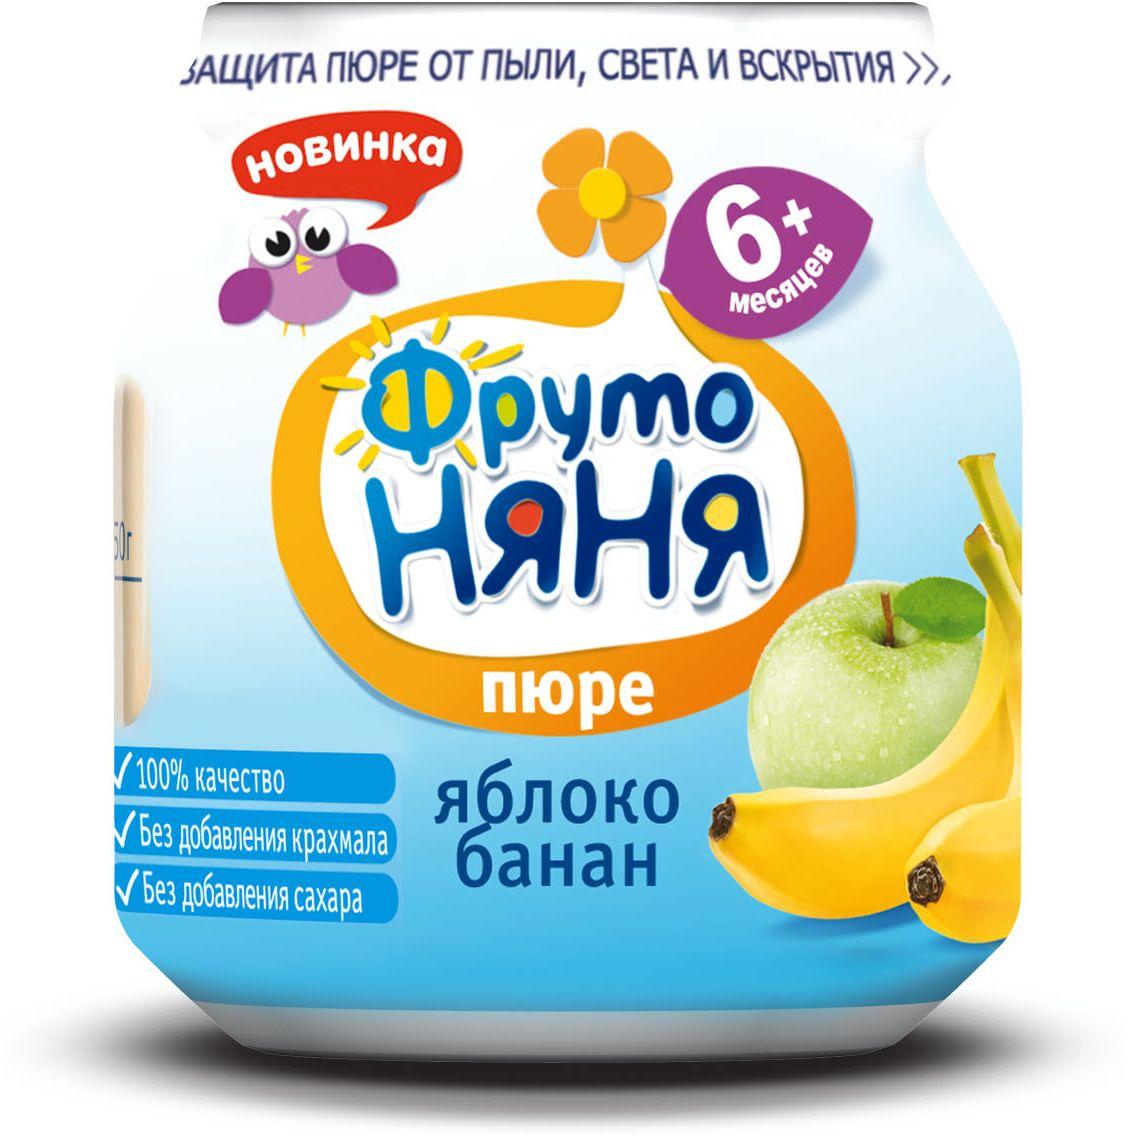 ФрутоНяня пюре из яблок и бананов с 6 месяцев, 100 гP071173100% качествобез добавления сахарабез добавления крахмала